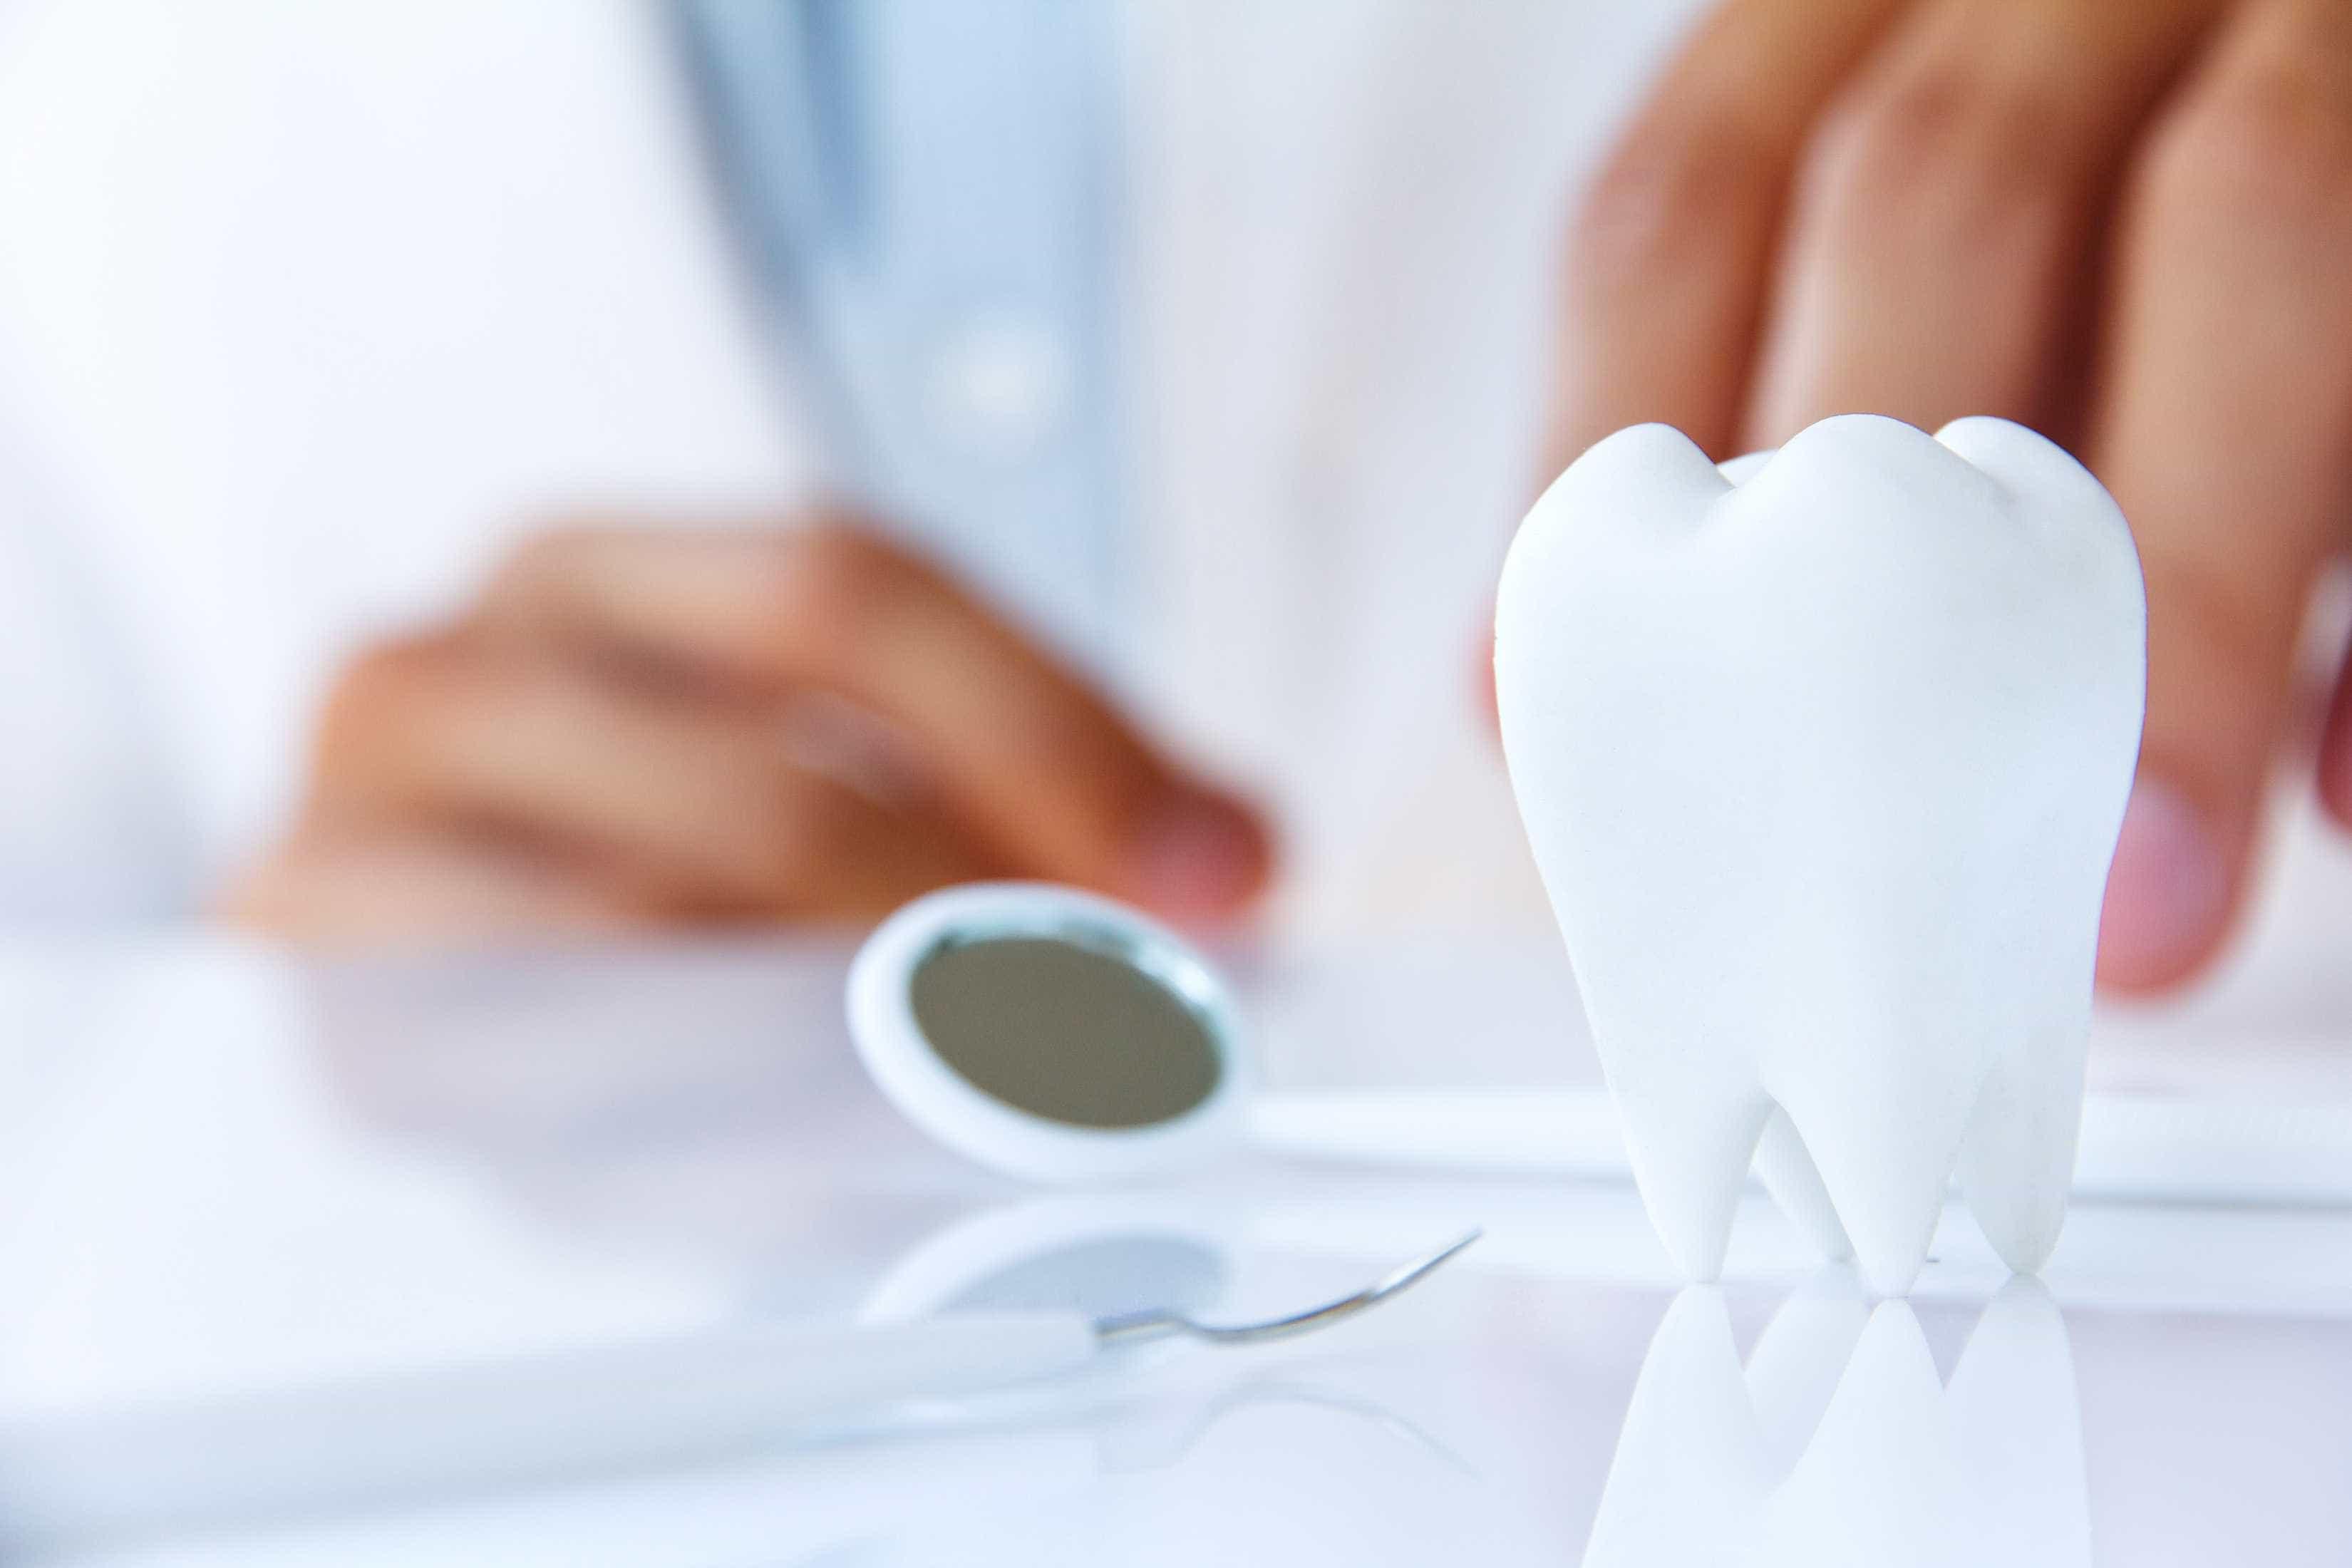 Equipamento inovador permite próteses dentárias em meia dúzia de cliques